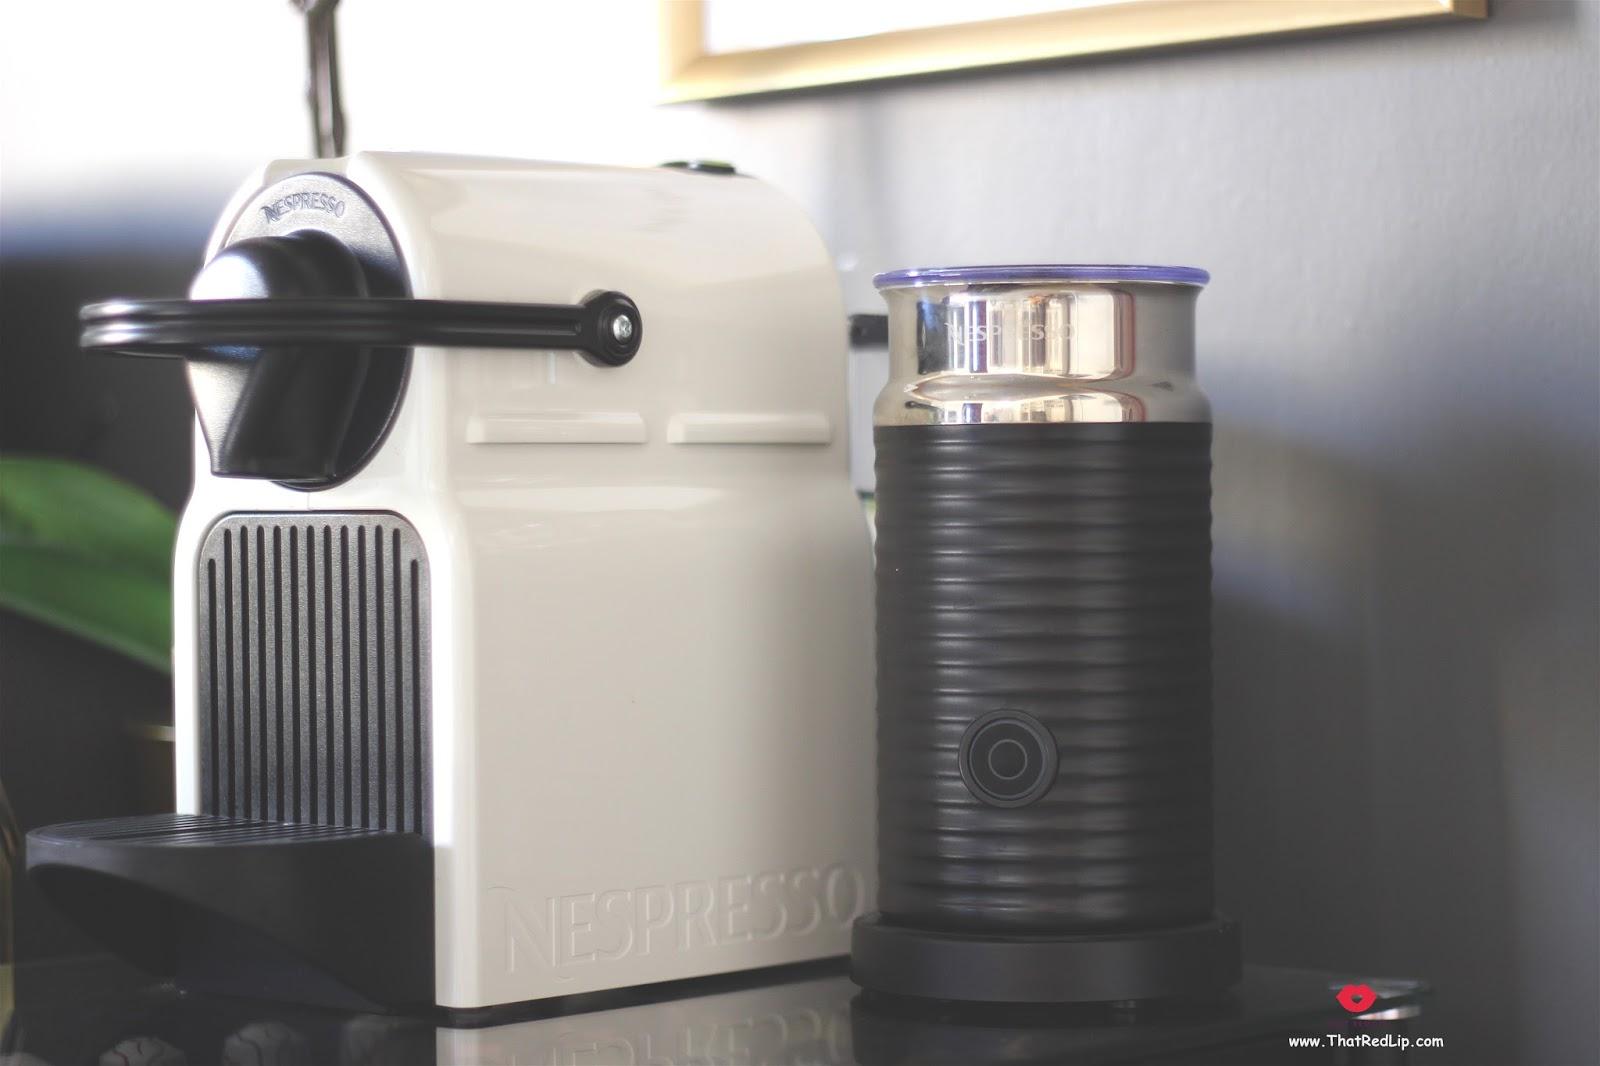 ريفيو لجهاز تحضير القهوة من نسبريسو ومحضر الحليب Nespresso